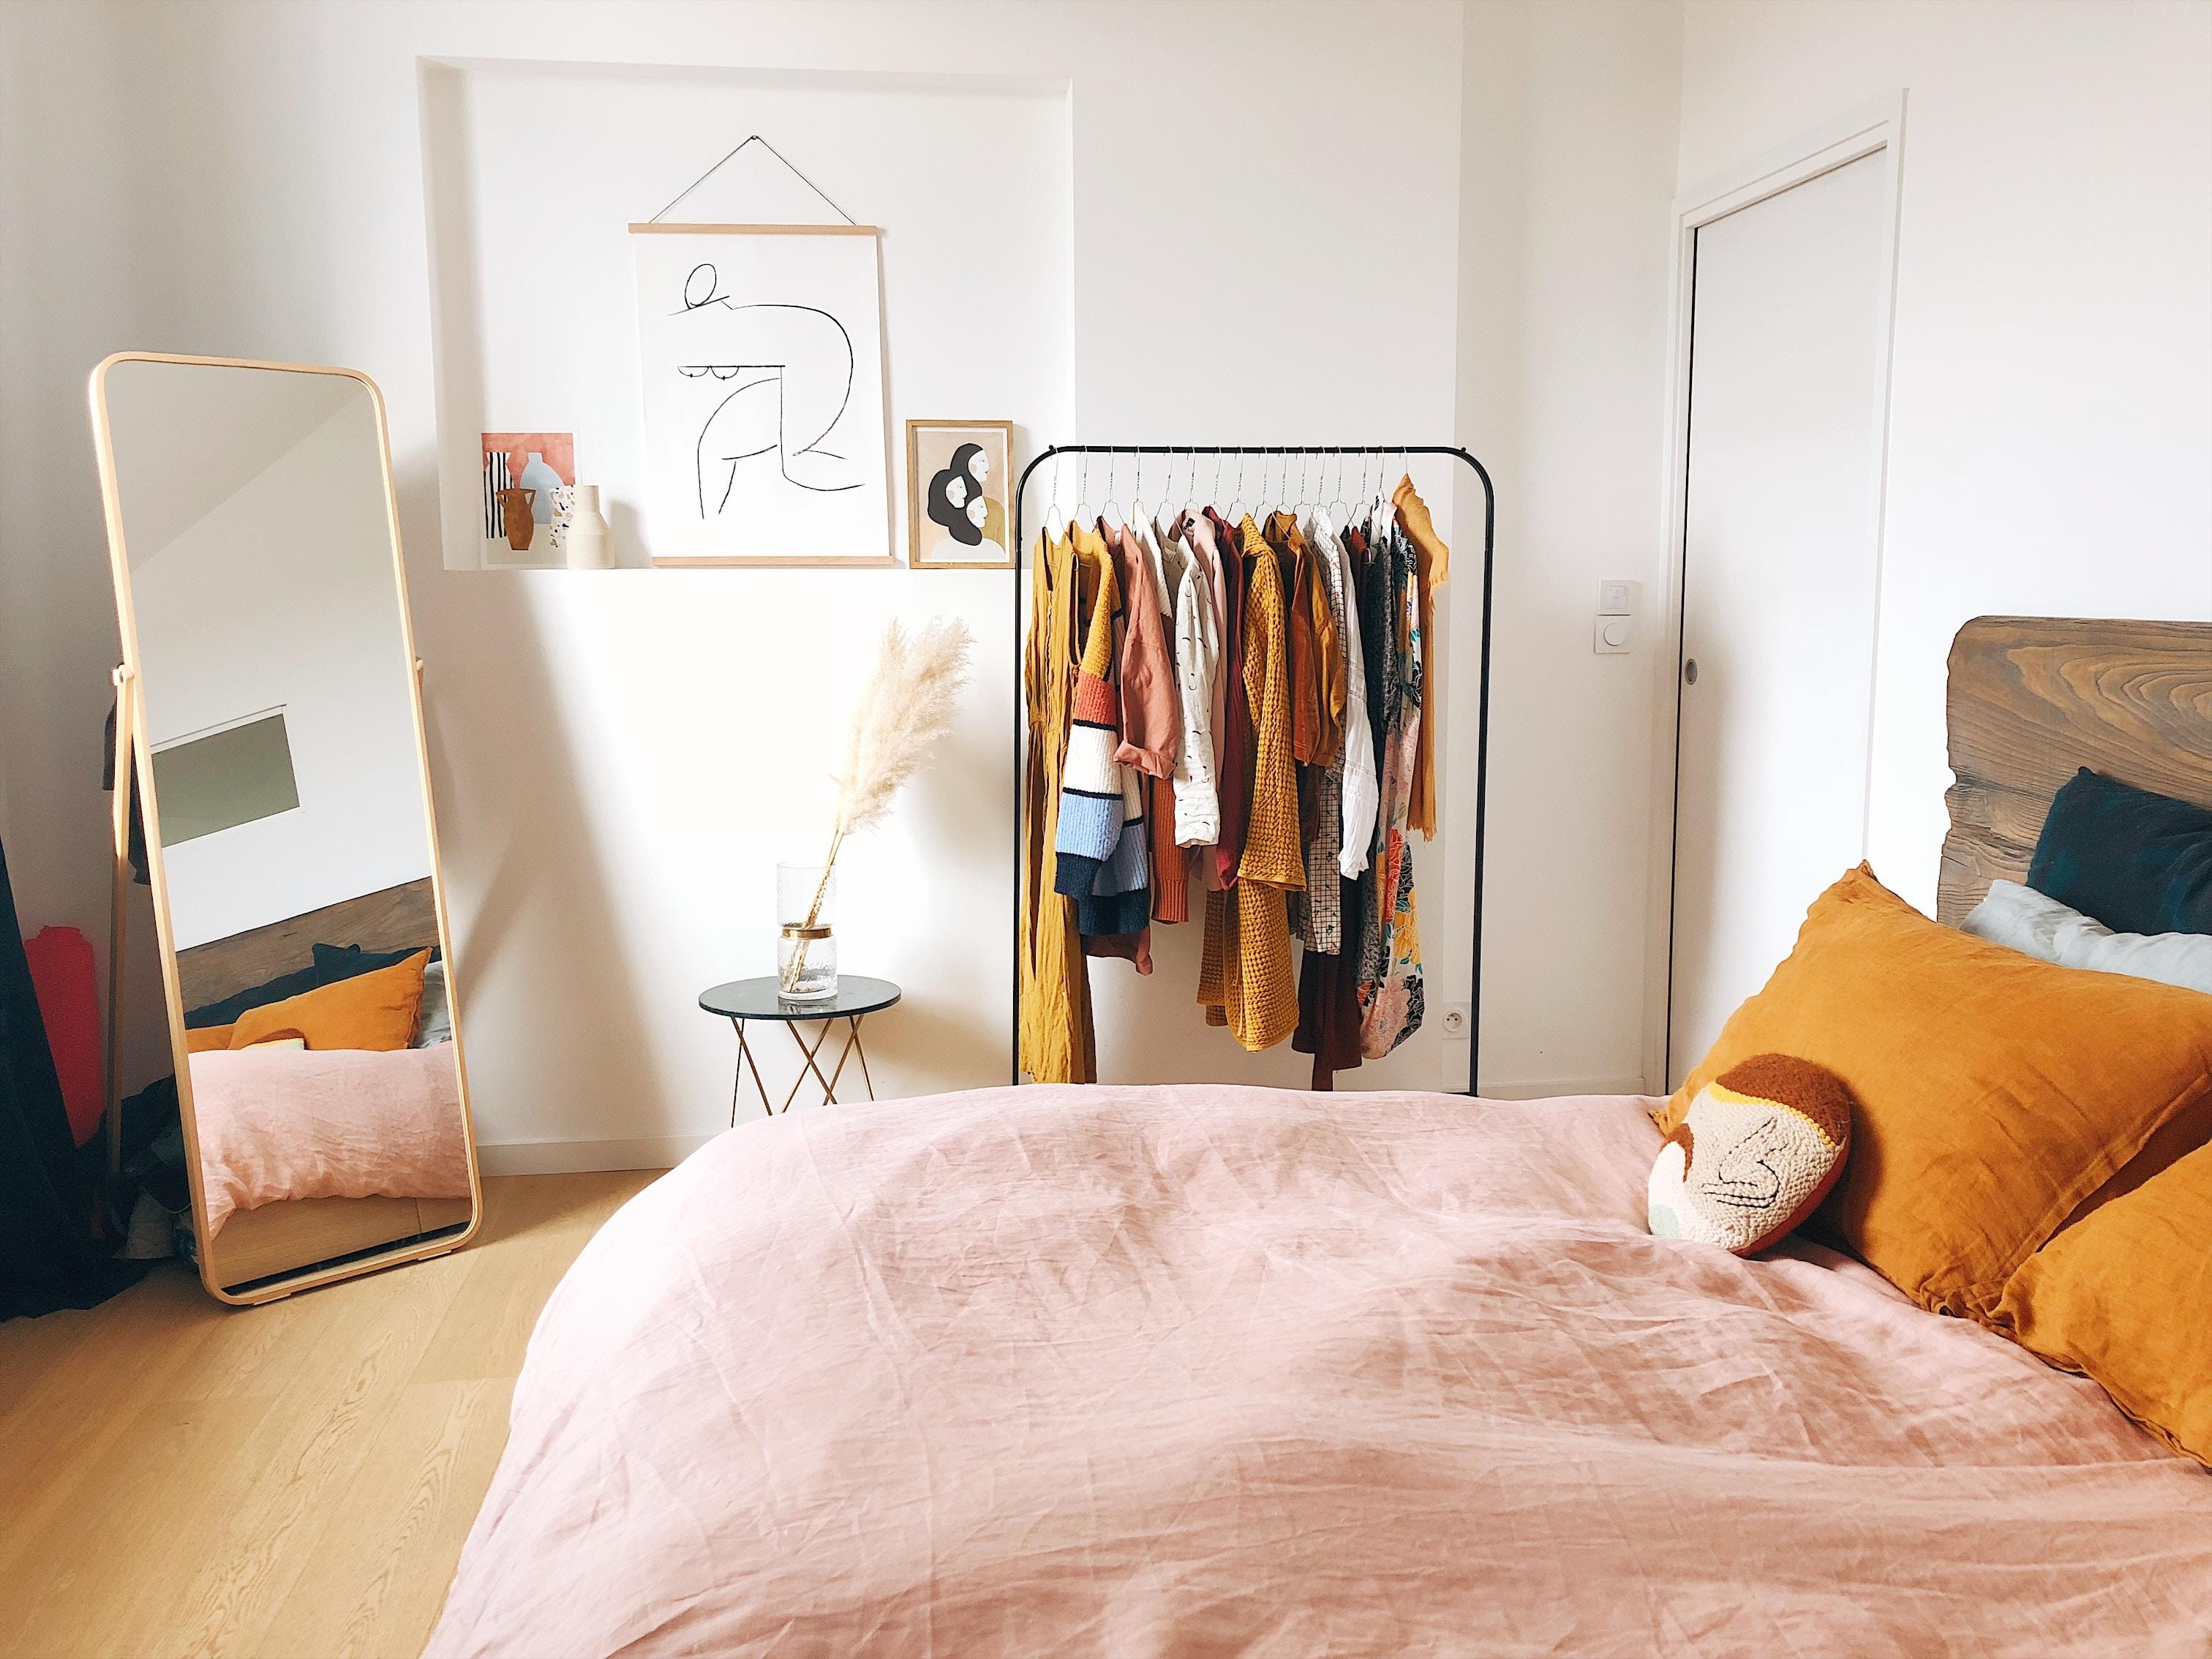 Chambre design au style minimaliste avec des murs blancs et du mobilier aux tons pastel